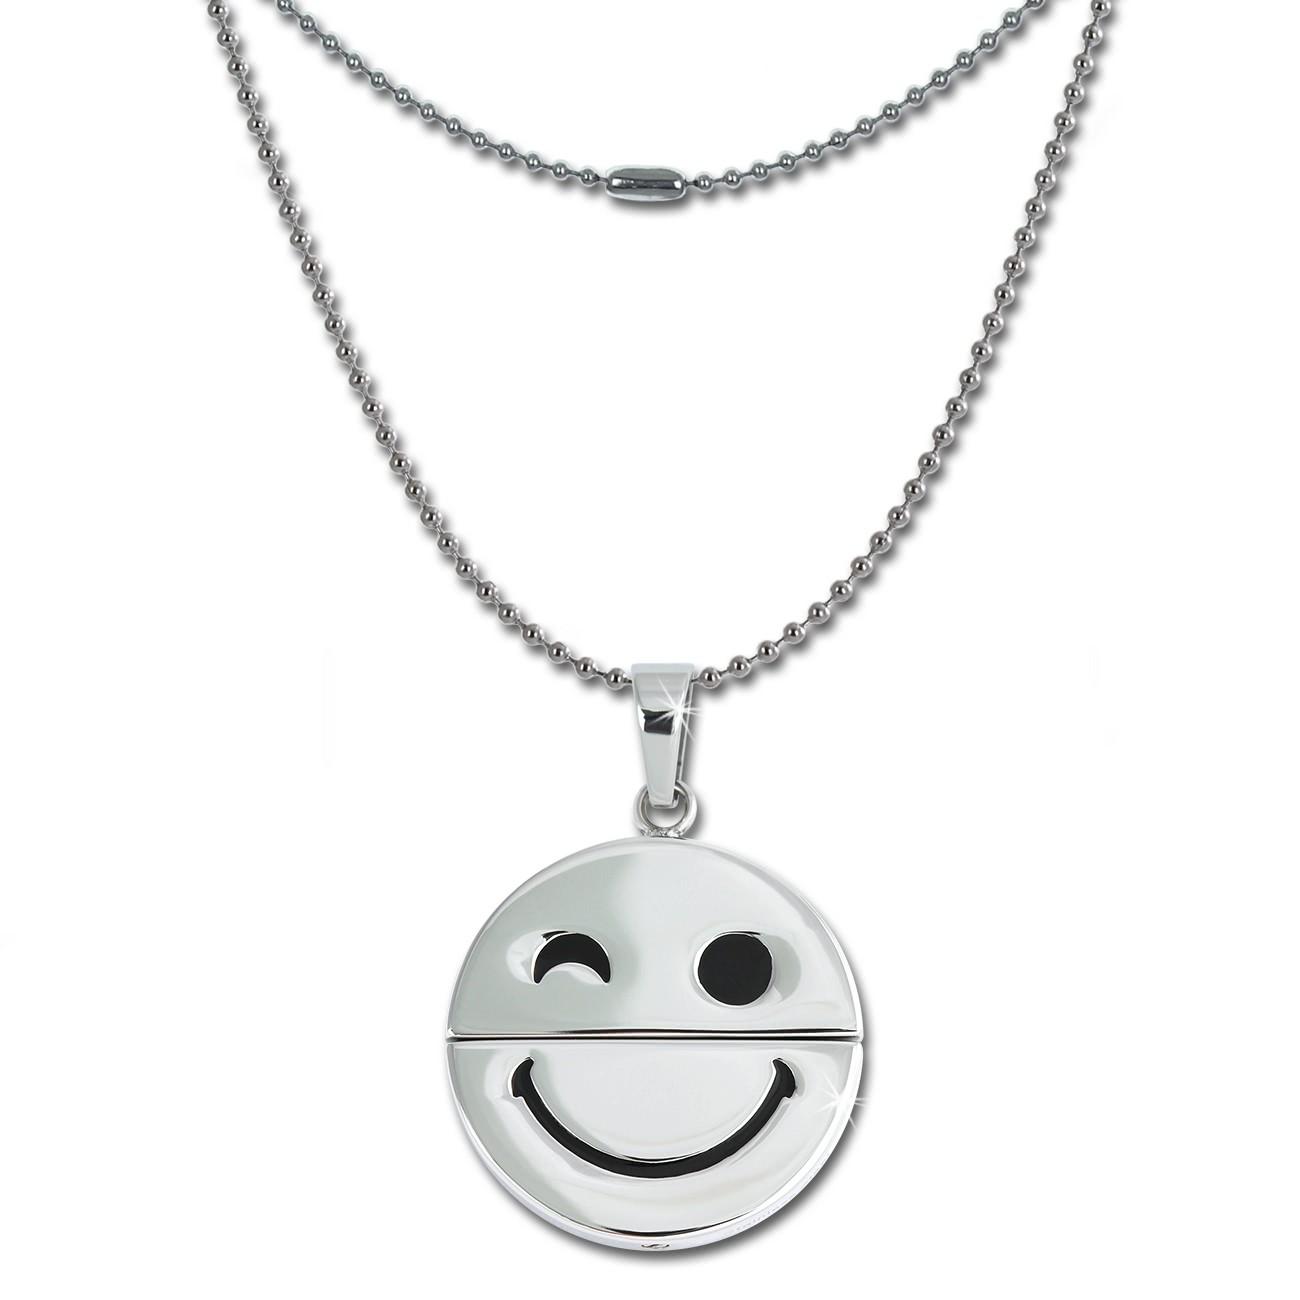 Amello Halskette mit schmunzelnder Smiley Anhänger Edelstahl Kette ESK032W